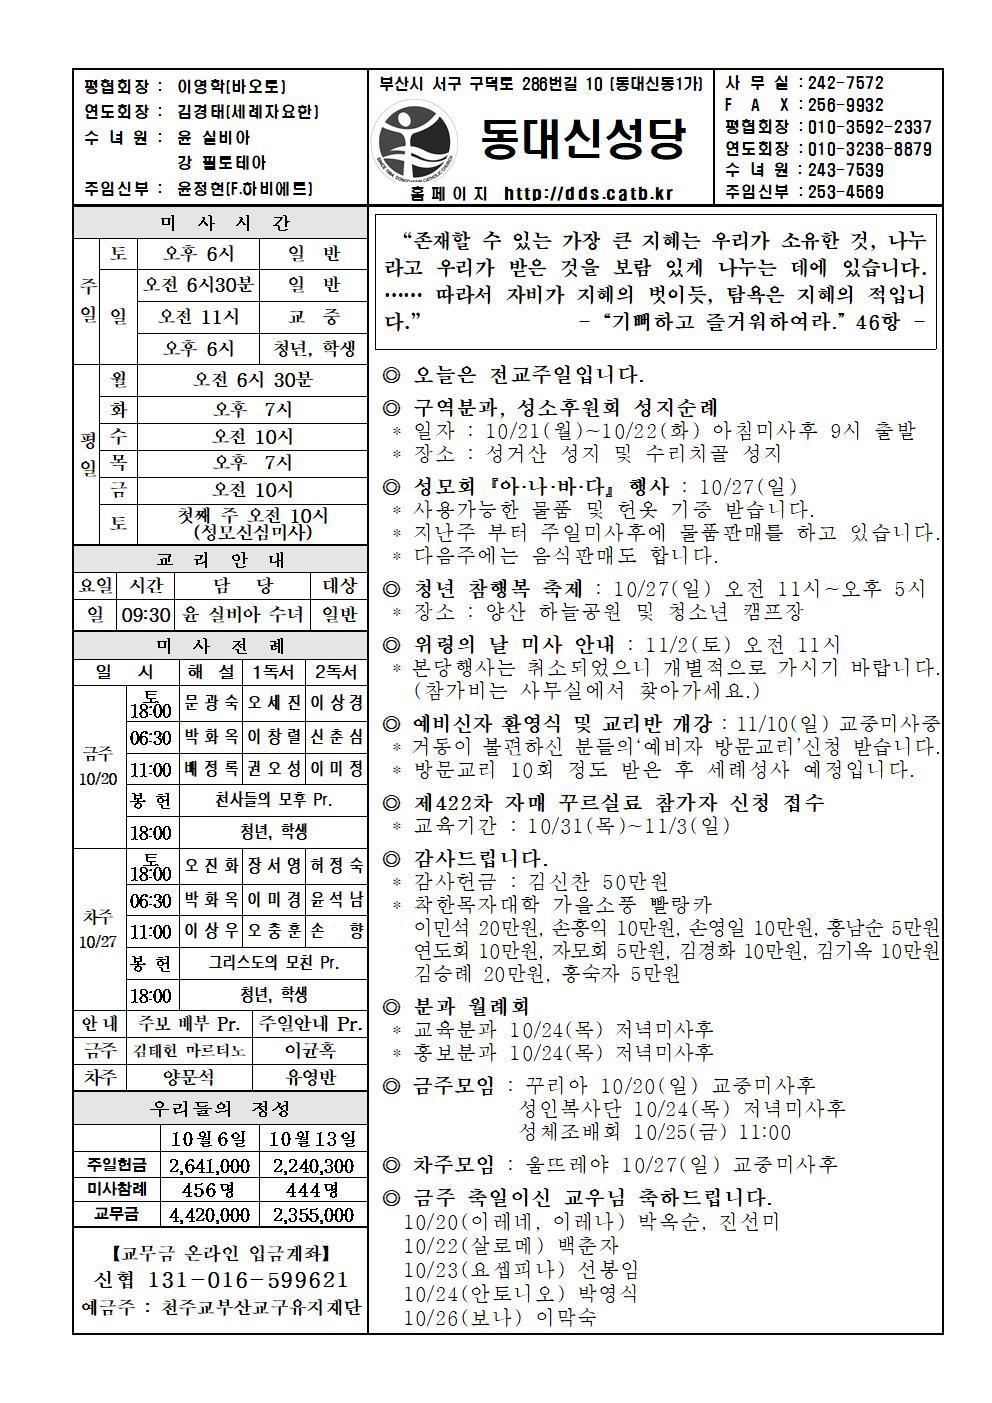 2019년 10월 20일 민족들의 복음화를 위한 미사(전교 주일)001.jpg